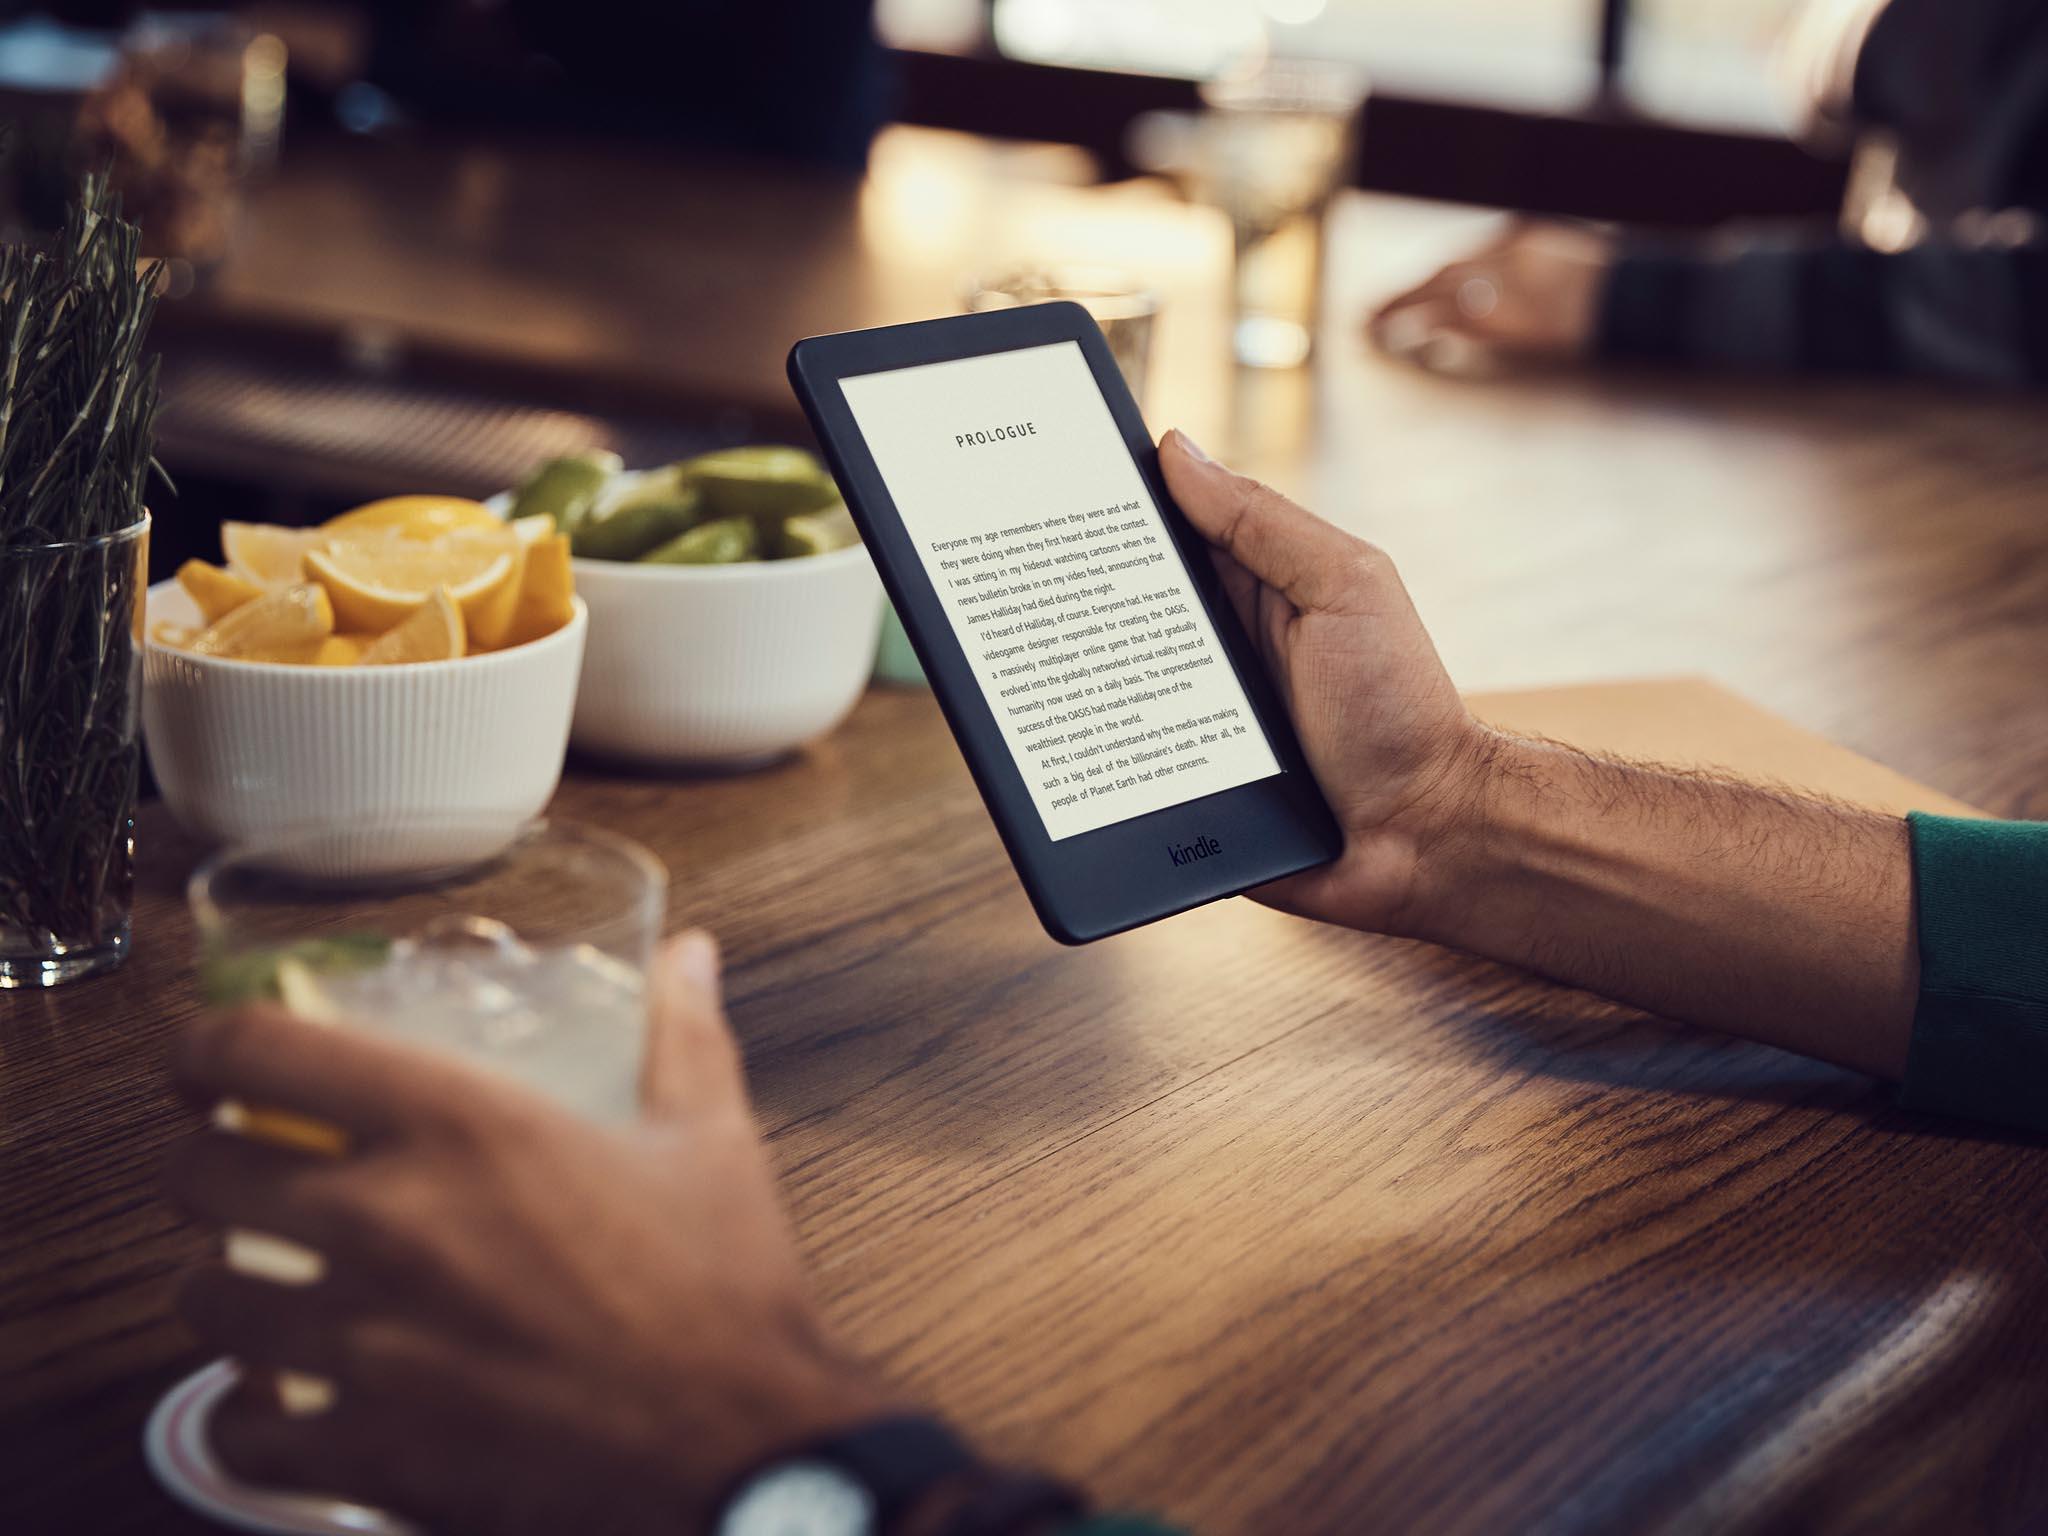 I tennejlevnější nový Kindle za2300 korun (90 eur) získal integrované osvětlení.